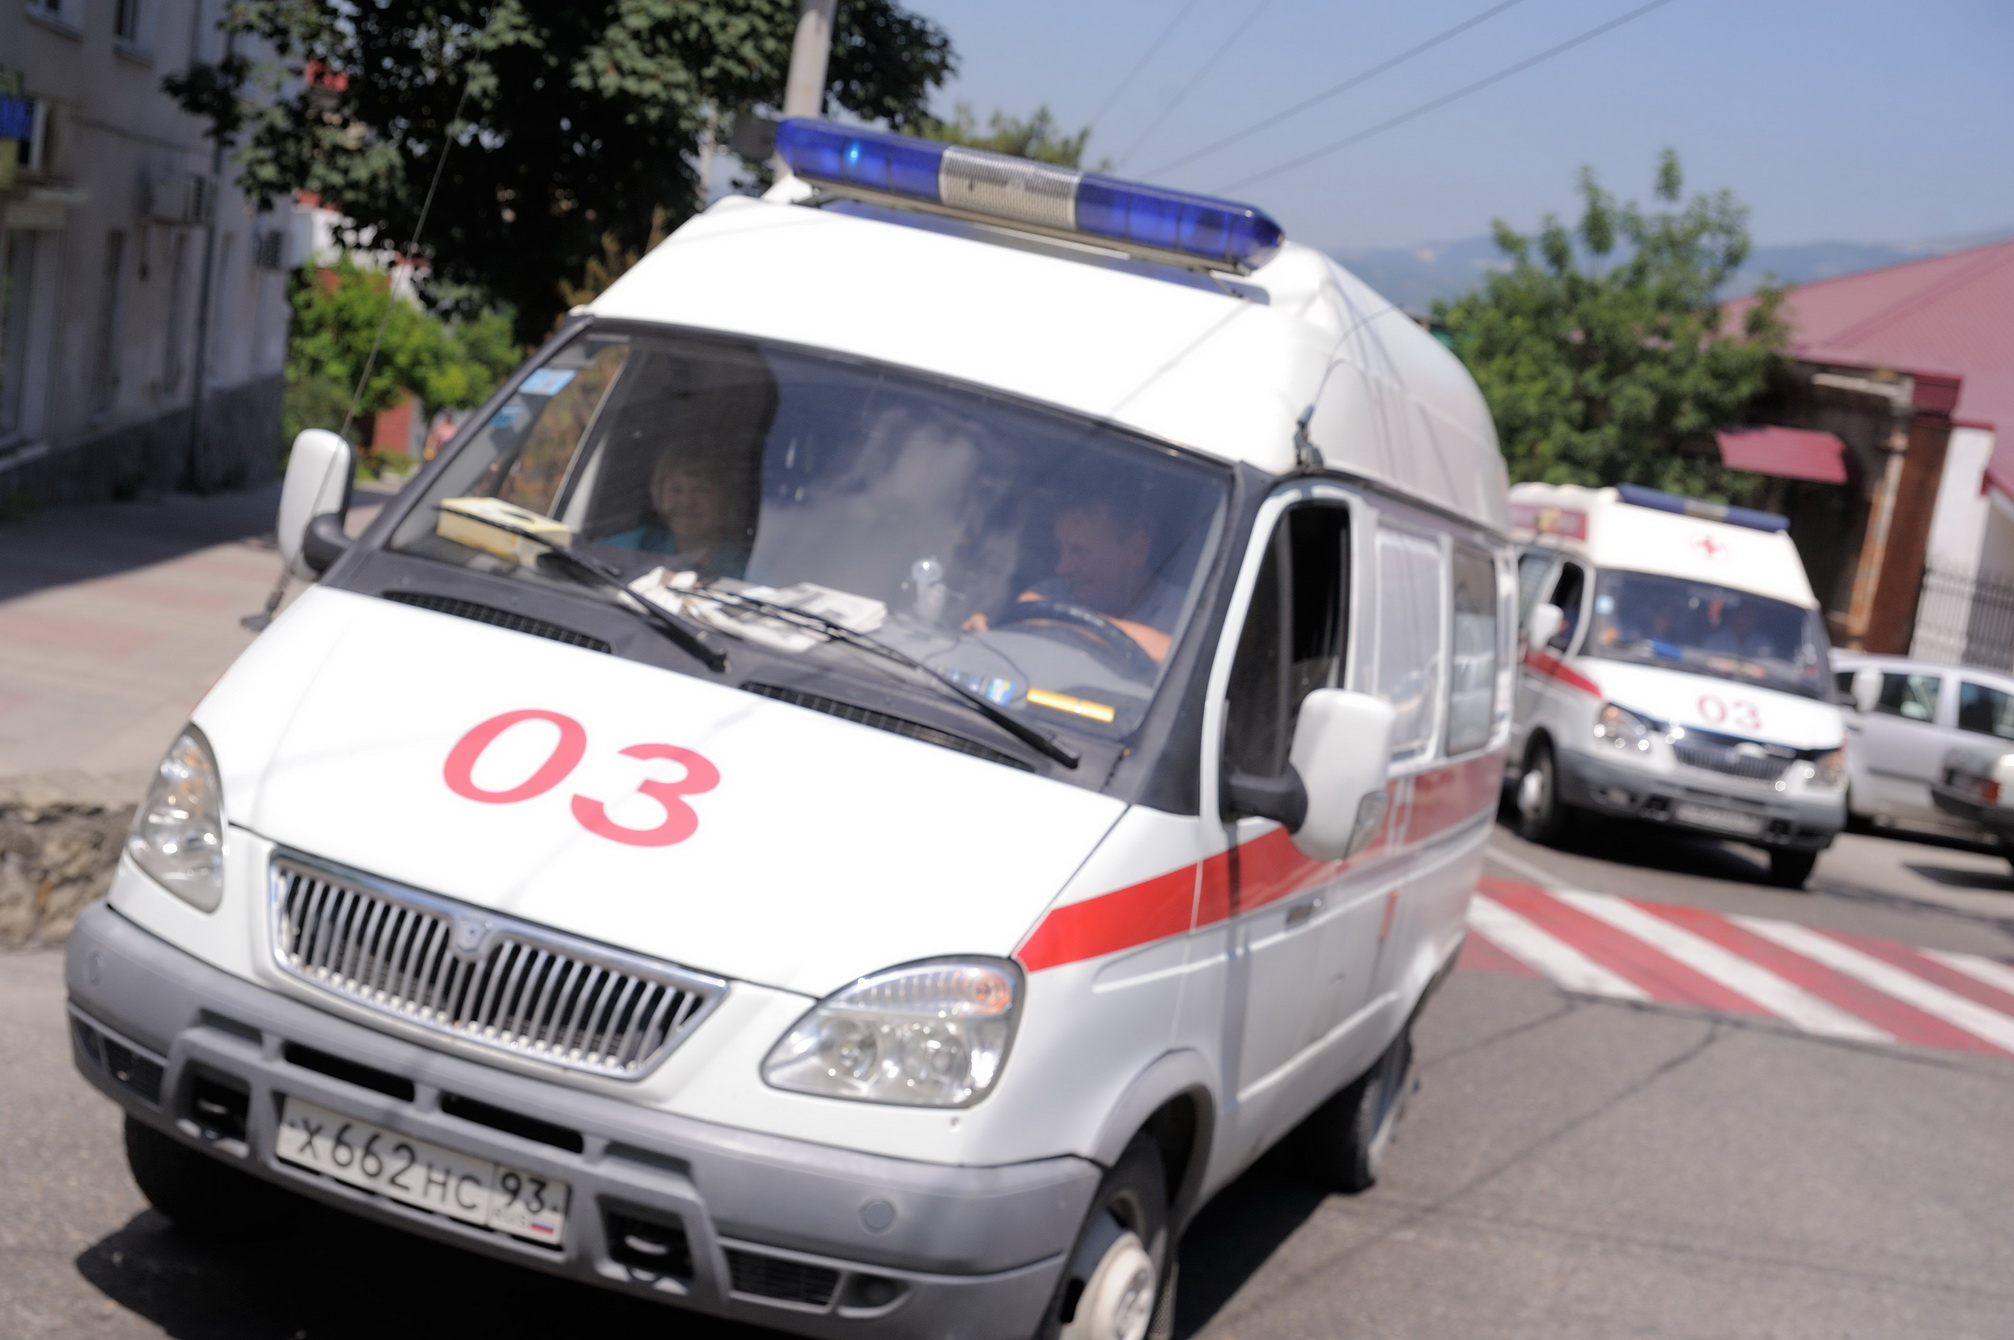 Центр скорой помощи в Абрау-Дюрсо ожидает новоселье